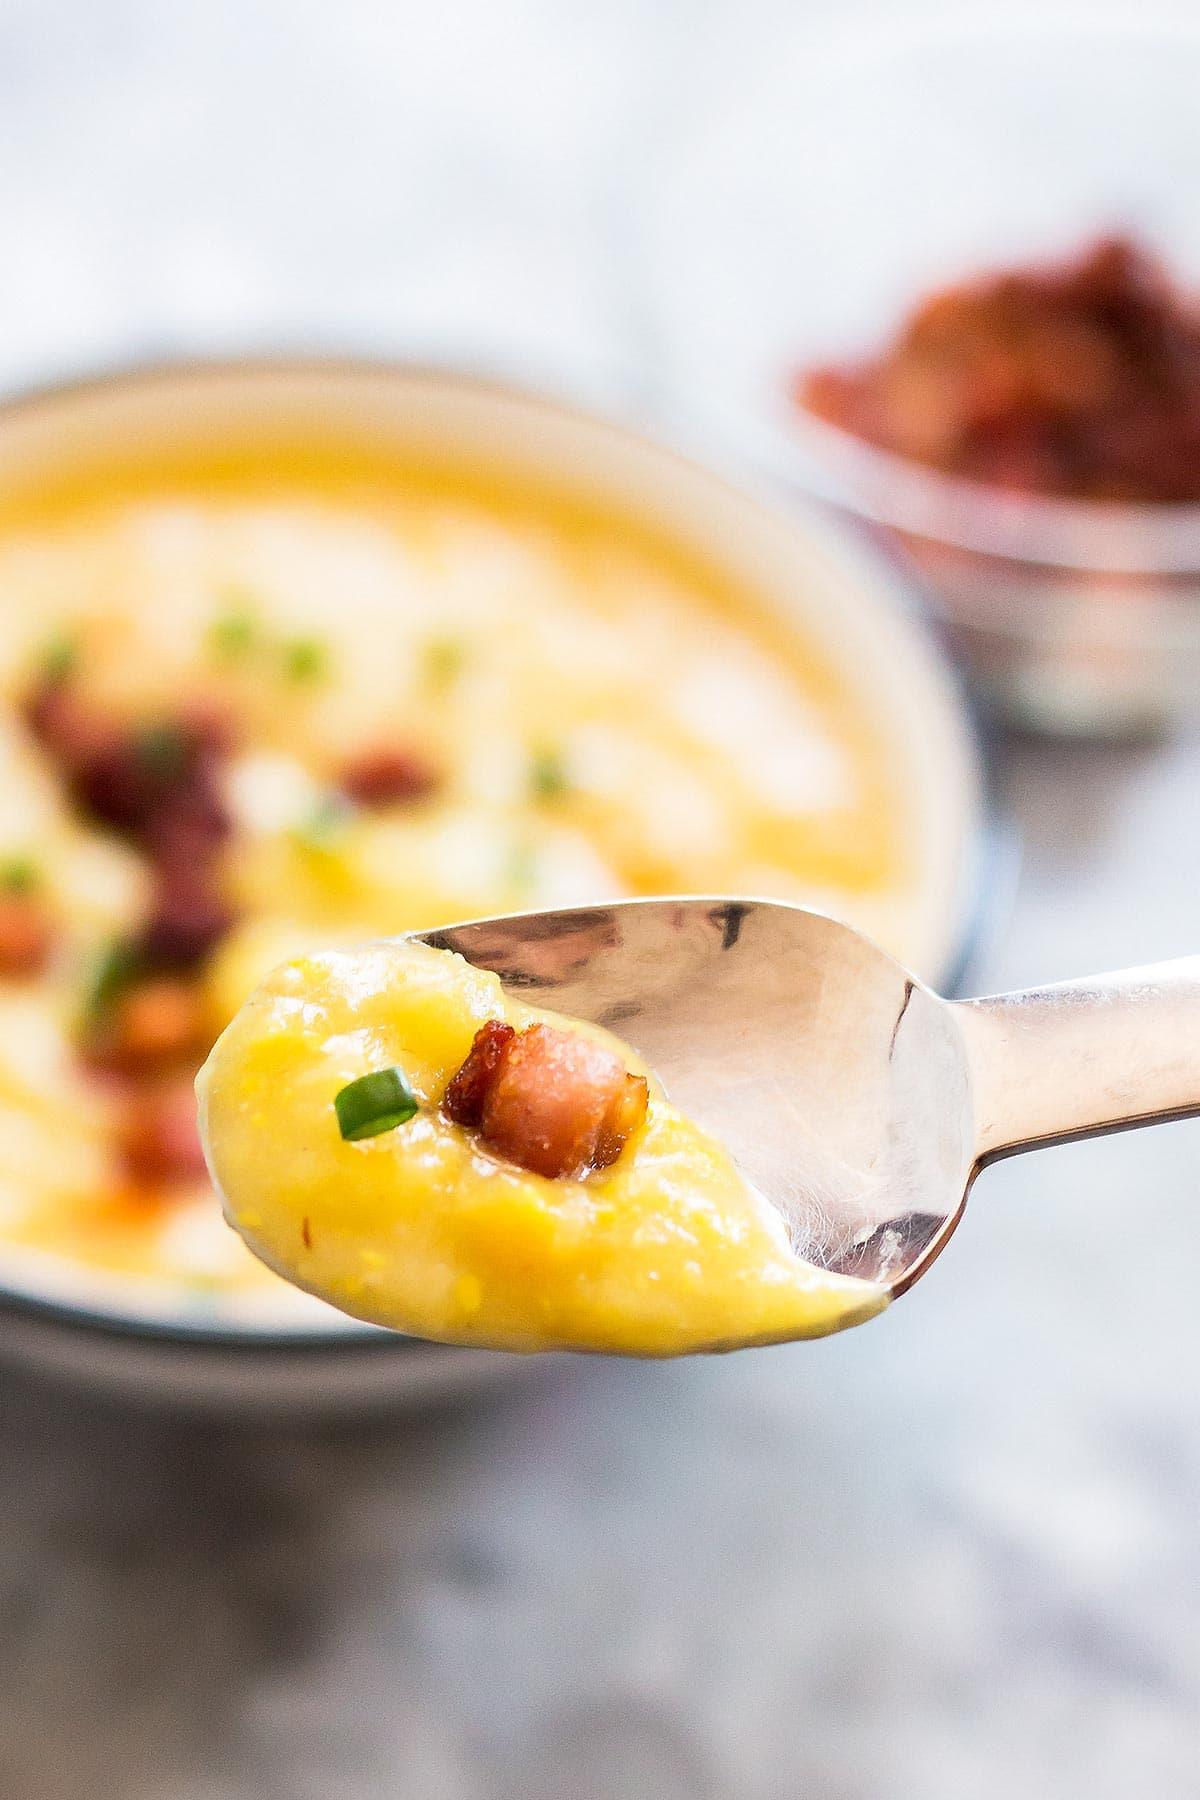 Spoonful of Leek Vegetable Soup